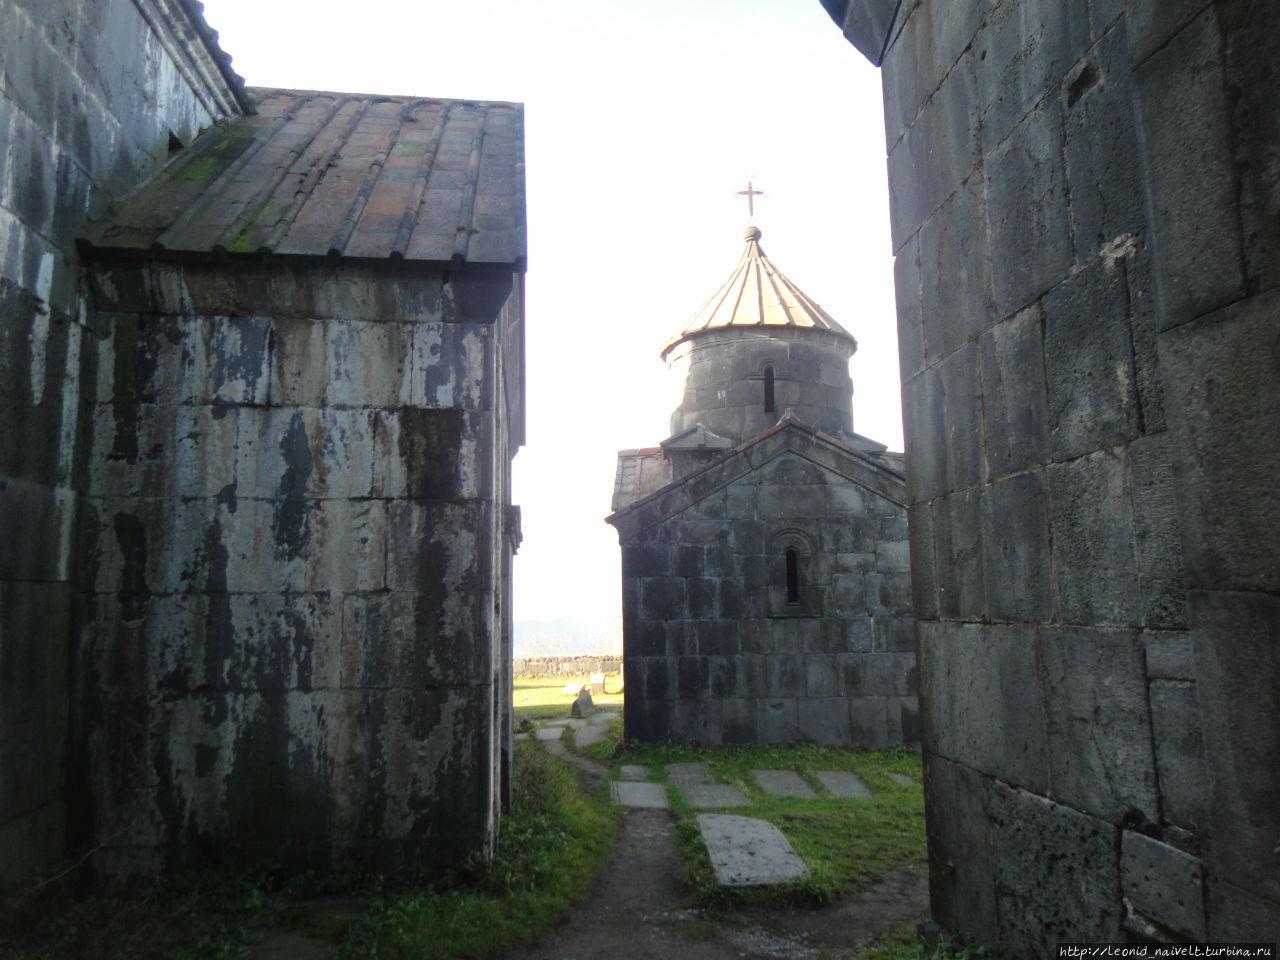 дорогие картинка охват армянский монастырь мохнатый свитер